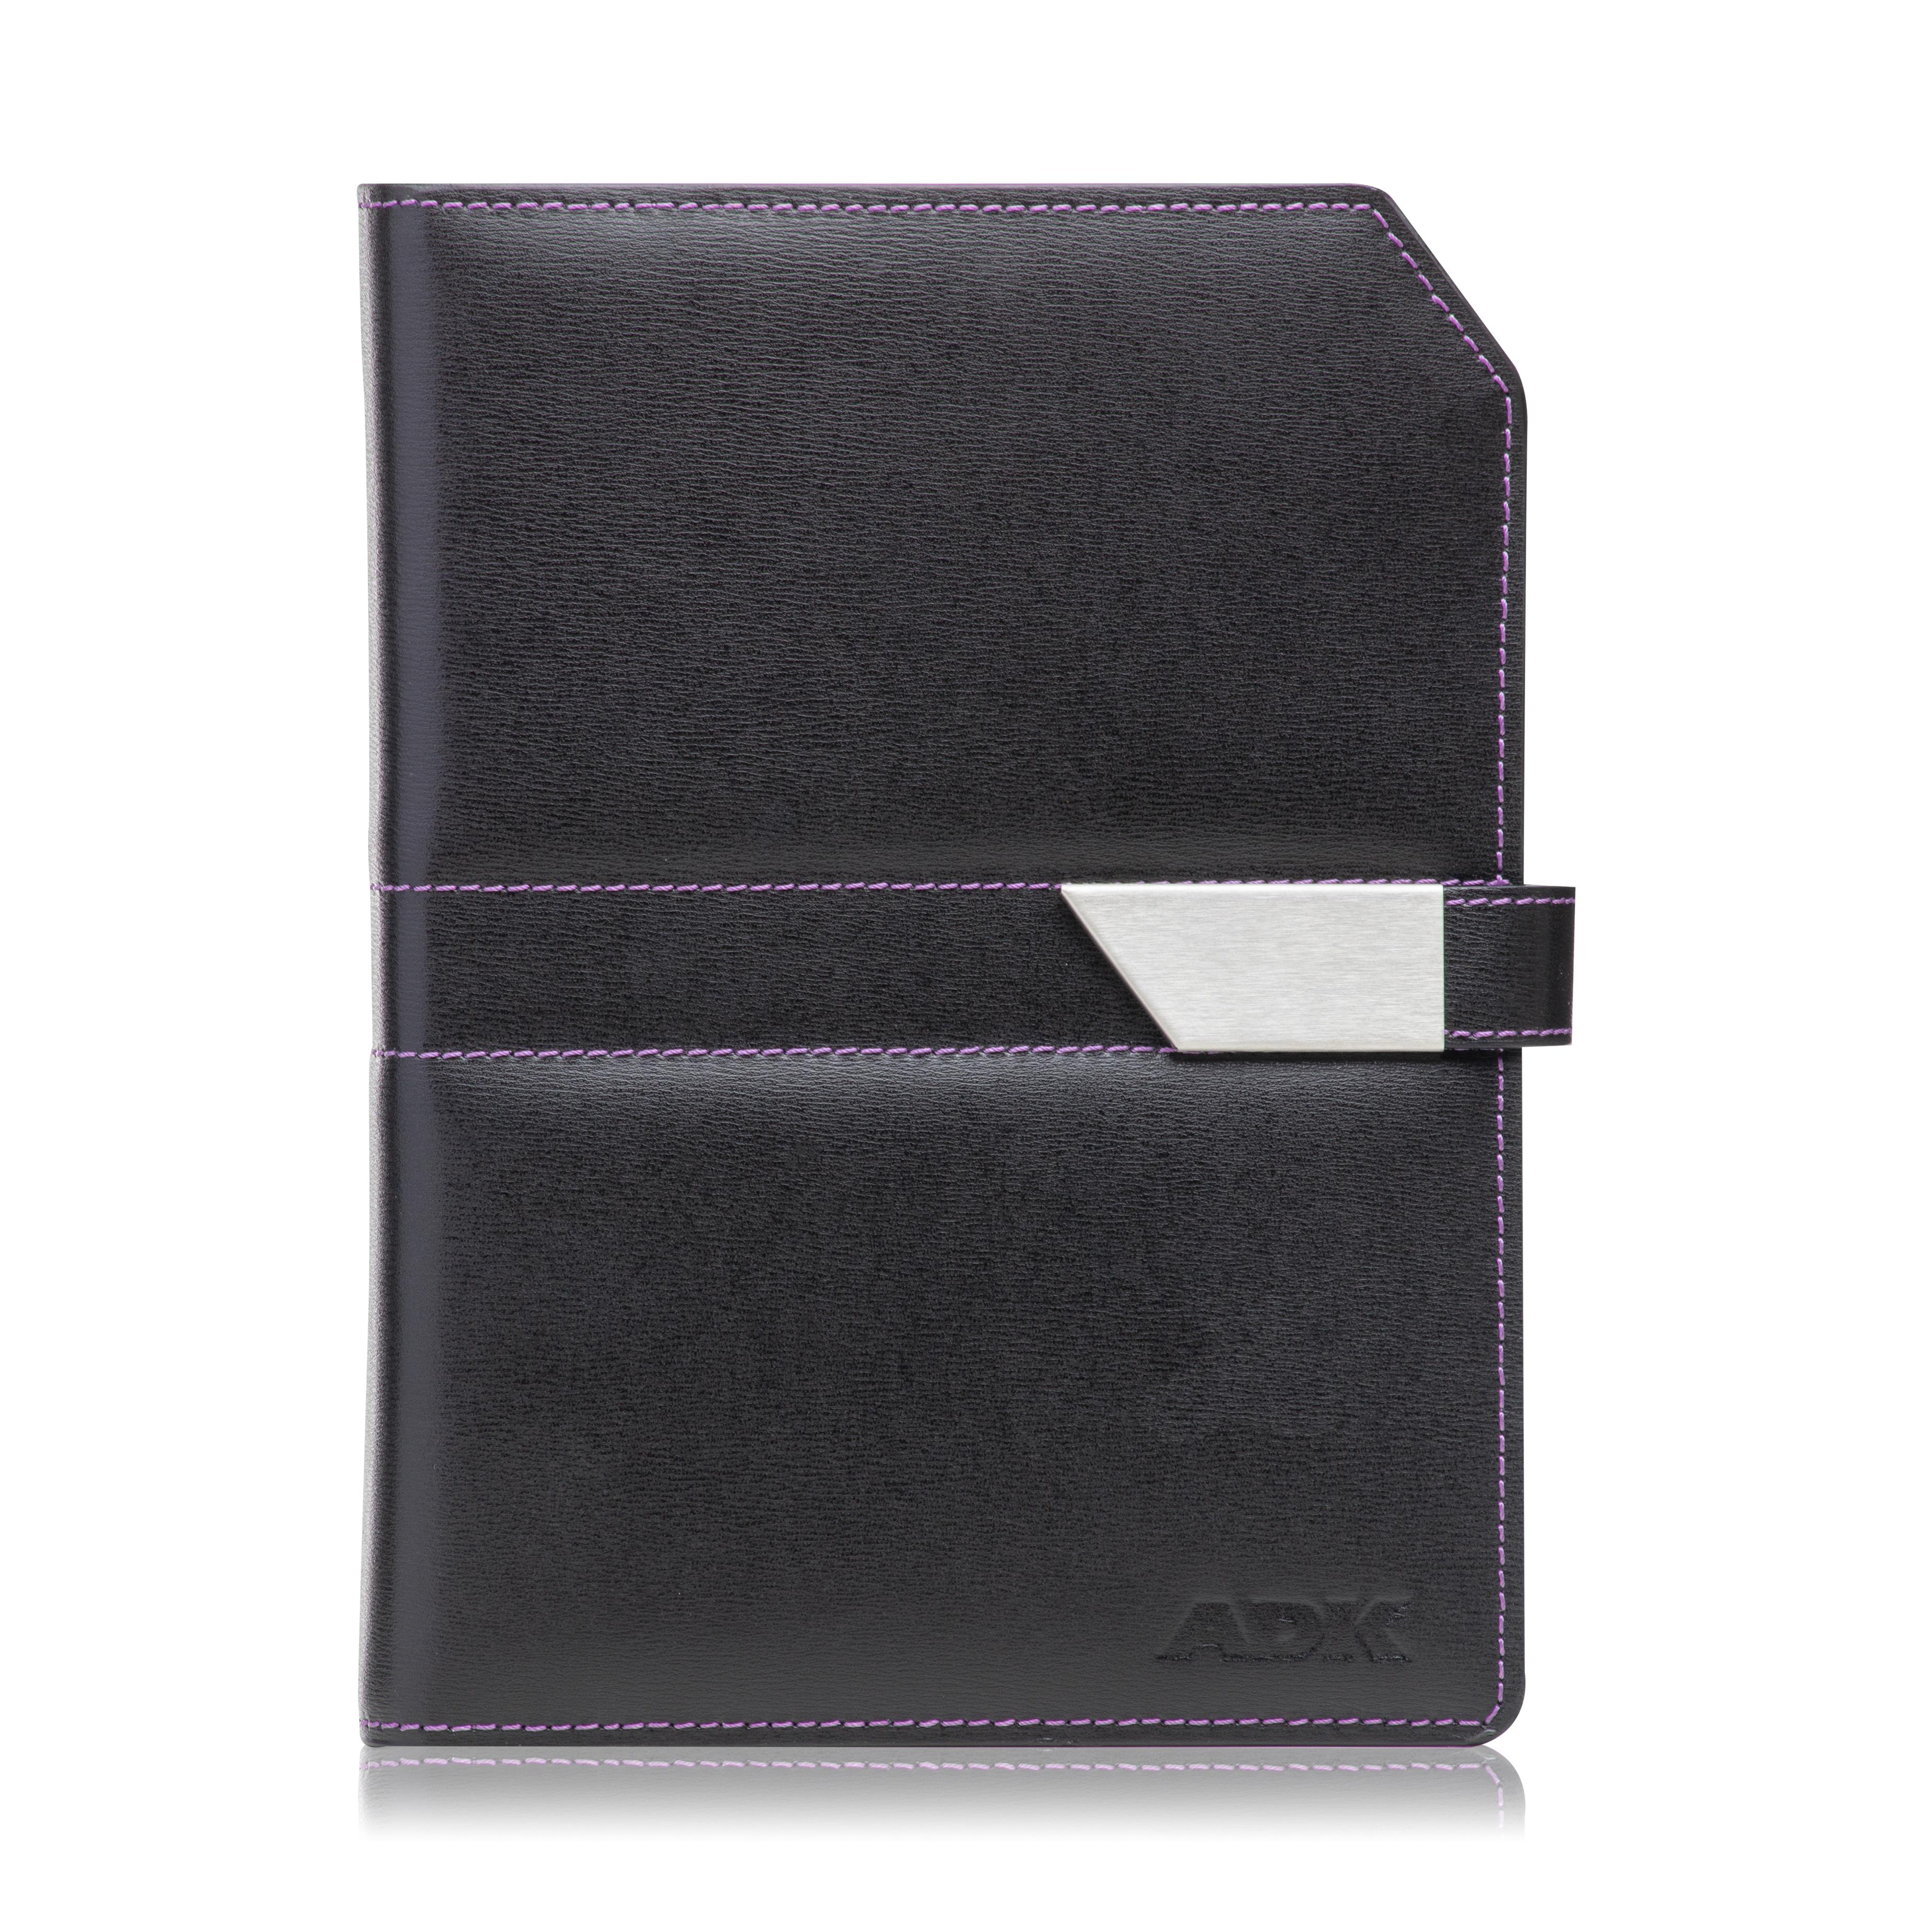 Diář ADK NewContrast Slim 2021 černý s fialovým vnitřkem a kontrastním šitím